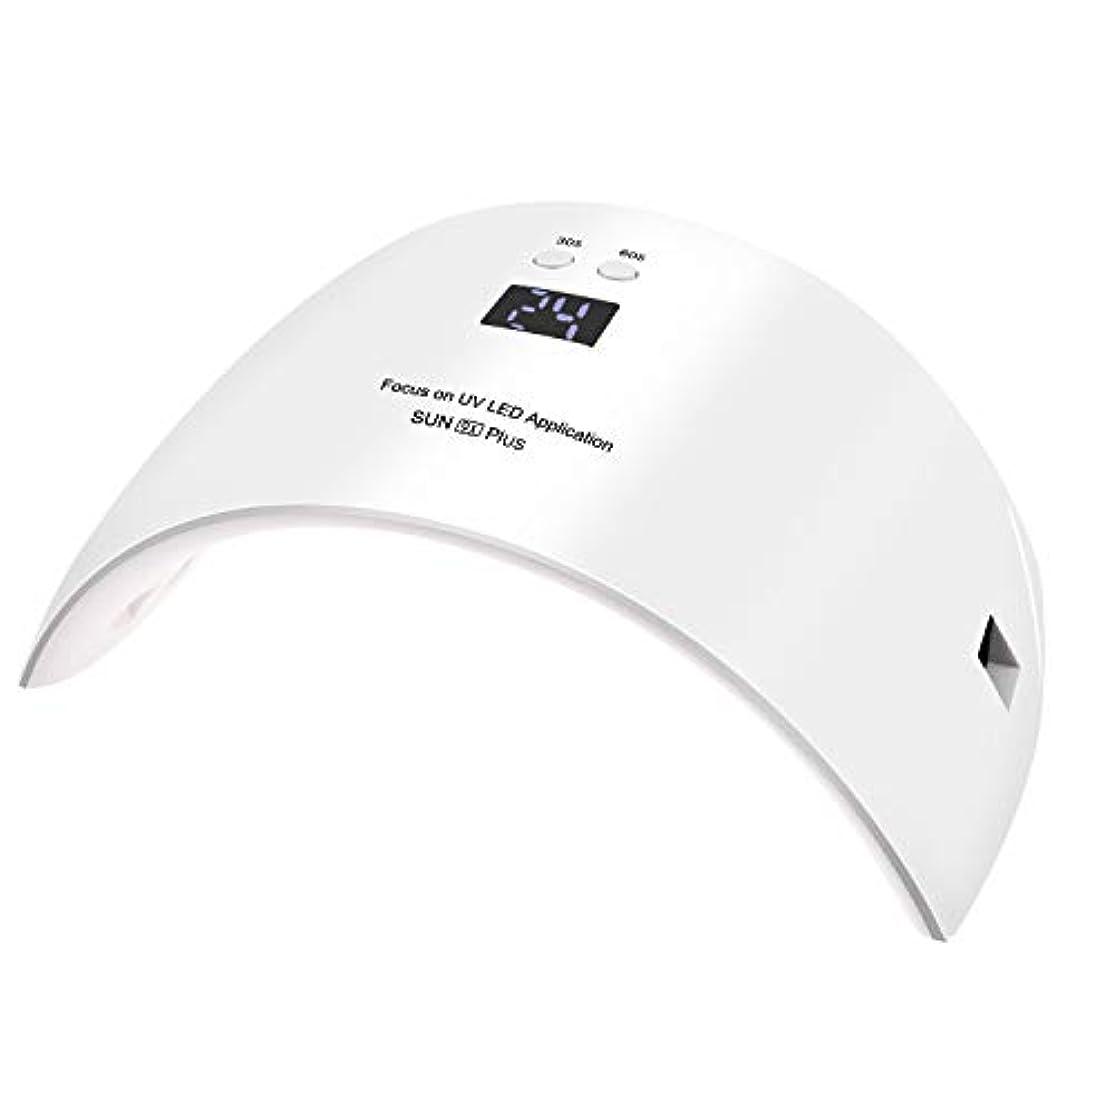 ローンアドバイス持つHeshare LED ネイルドライヤー 36W UVライト レジン用 UV ネイルライト 硬化用 セルフネイル タイマー機能 自動センサー機能 USB式 日本語説明書付き (36w)